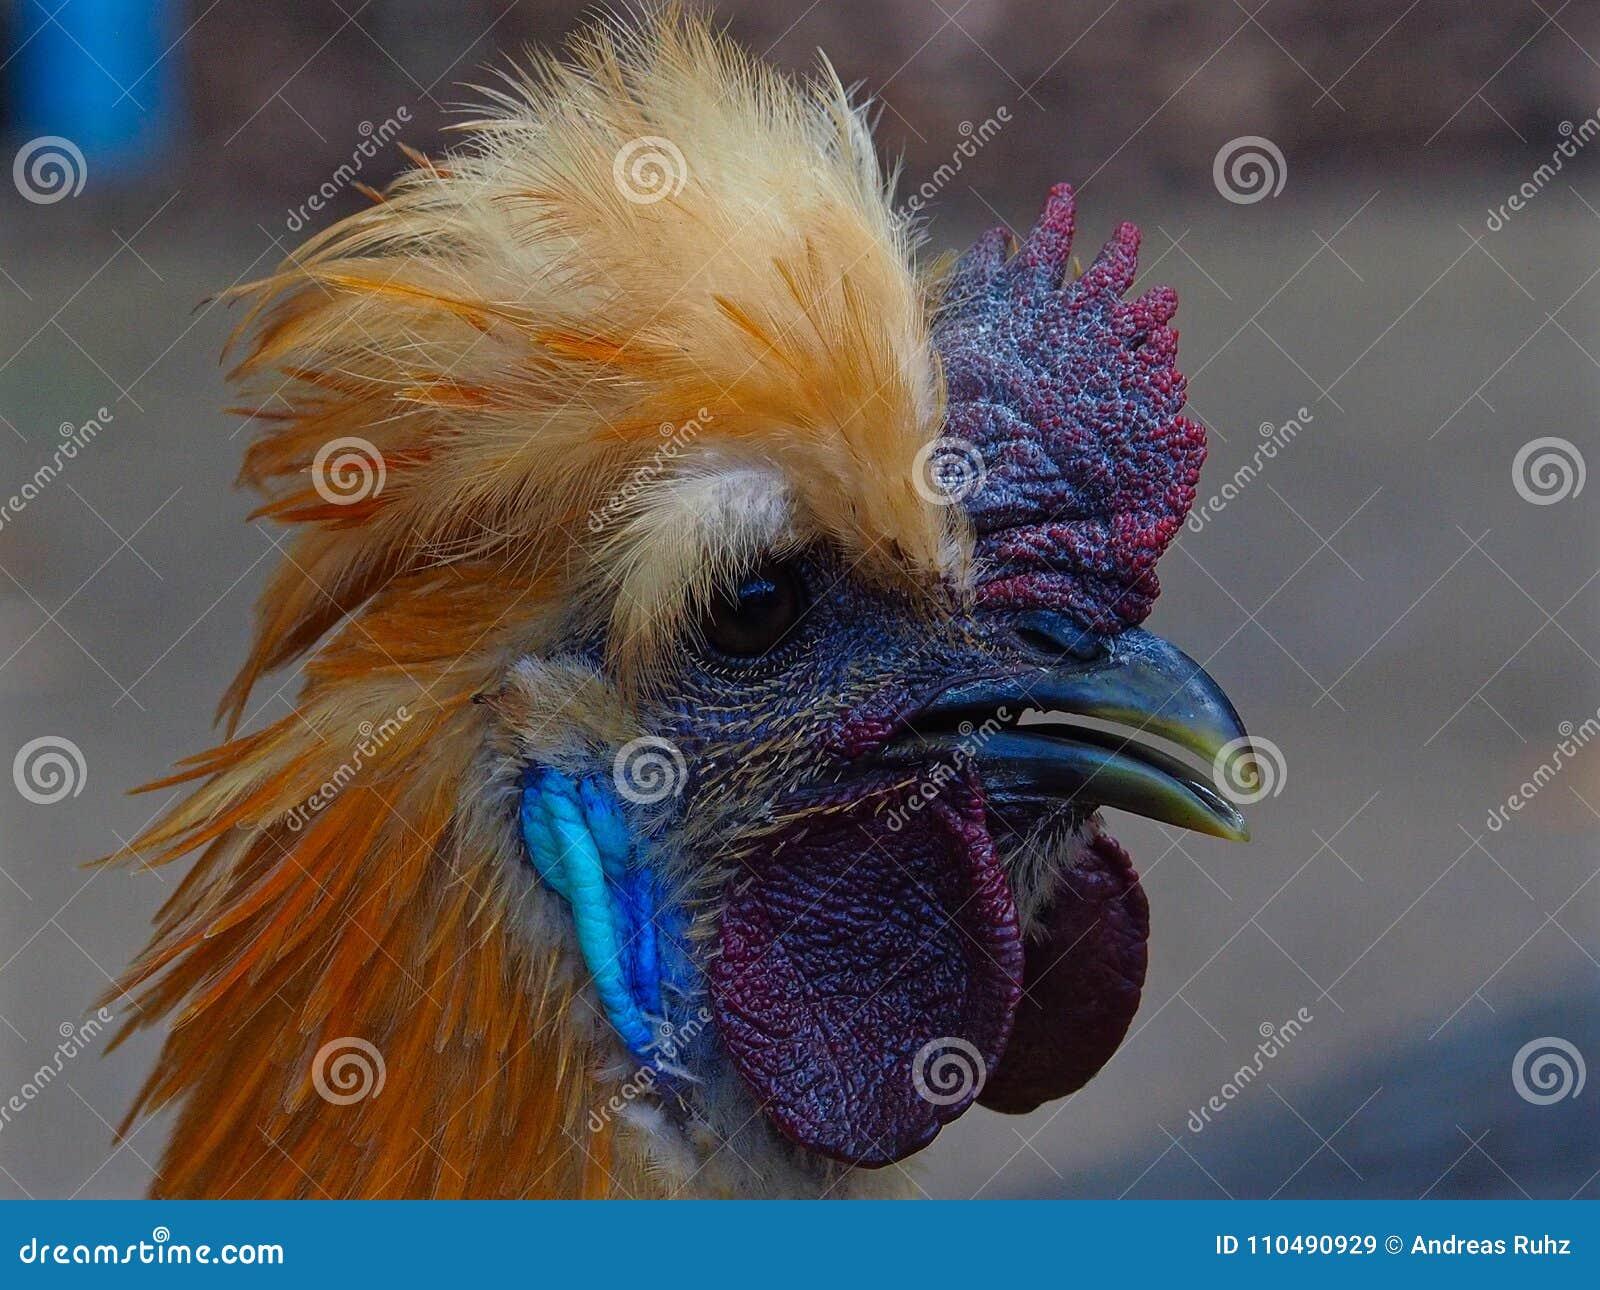 Coq soyeux fabuleux ravissant magnifique avec les configurations flamboyantes audacieuses